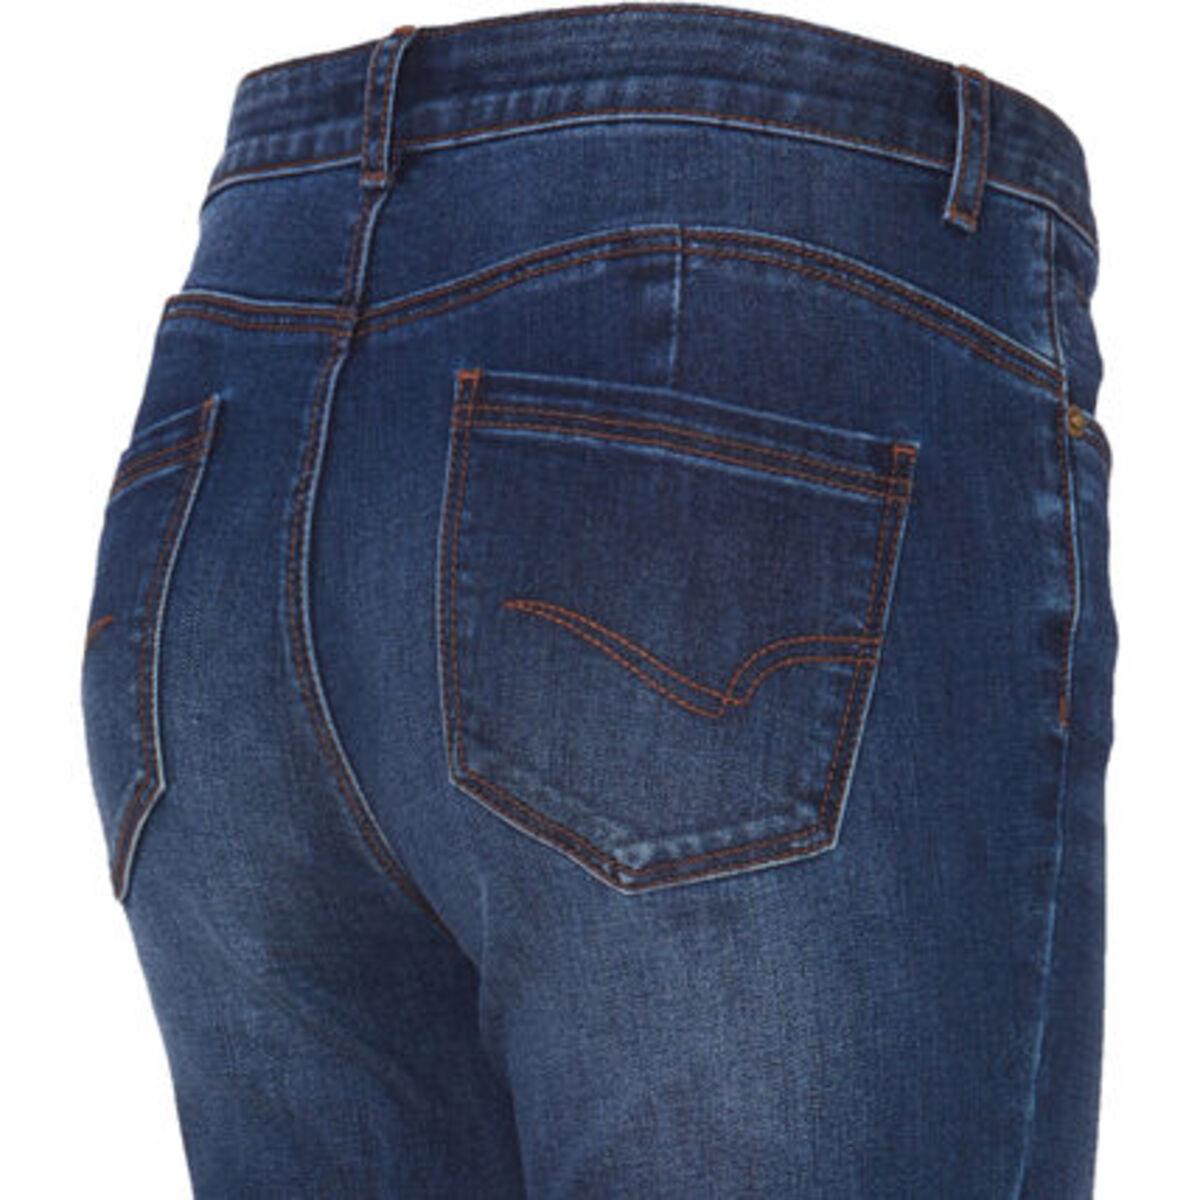 Bild 3 von MANGUUN Jeans, 5-Pocket-Stil, Used-Look, für Damen